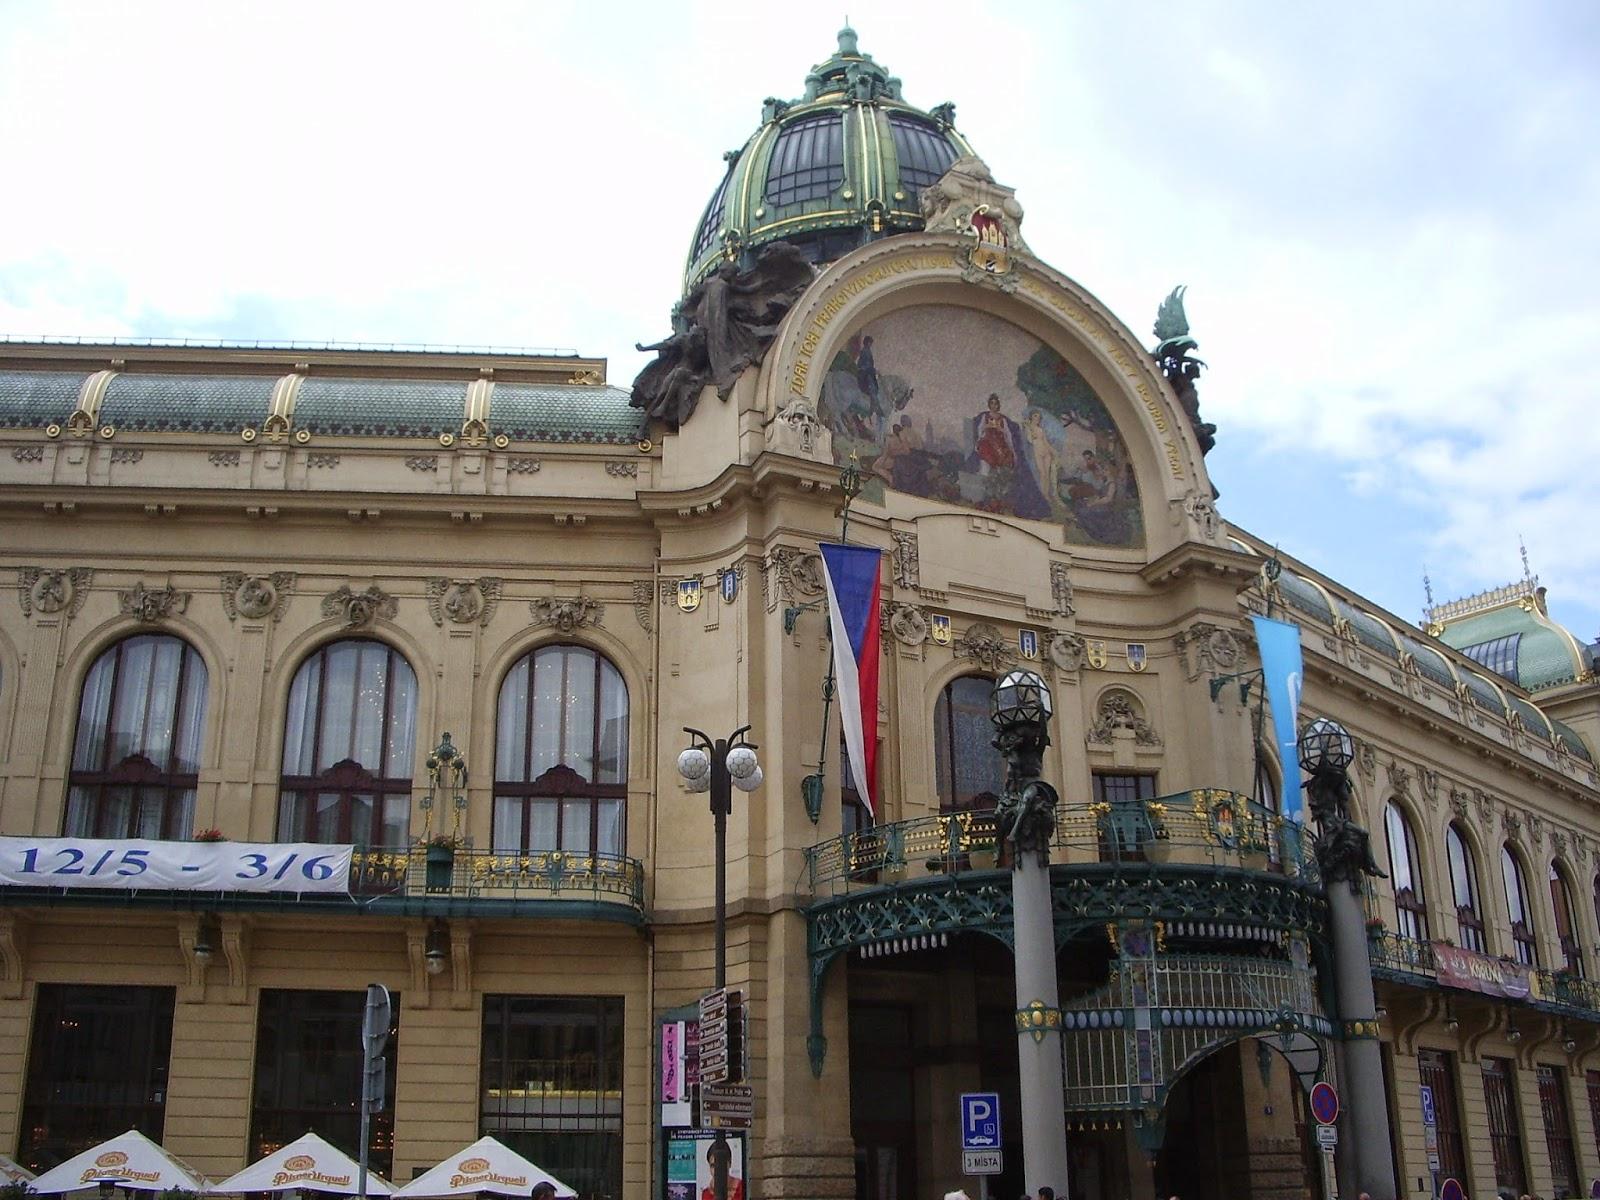 一個女生去旅行: 捷克 - 布拉格 Prague (I)